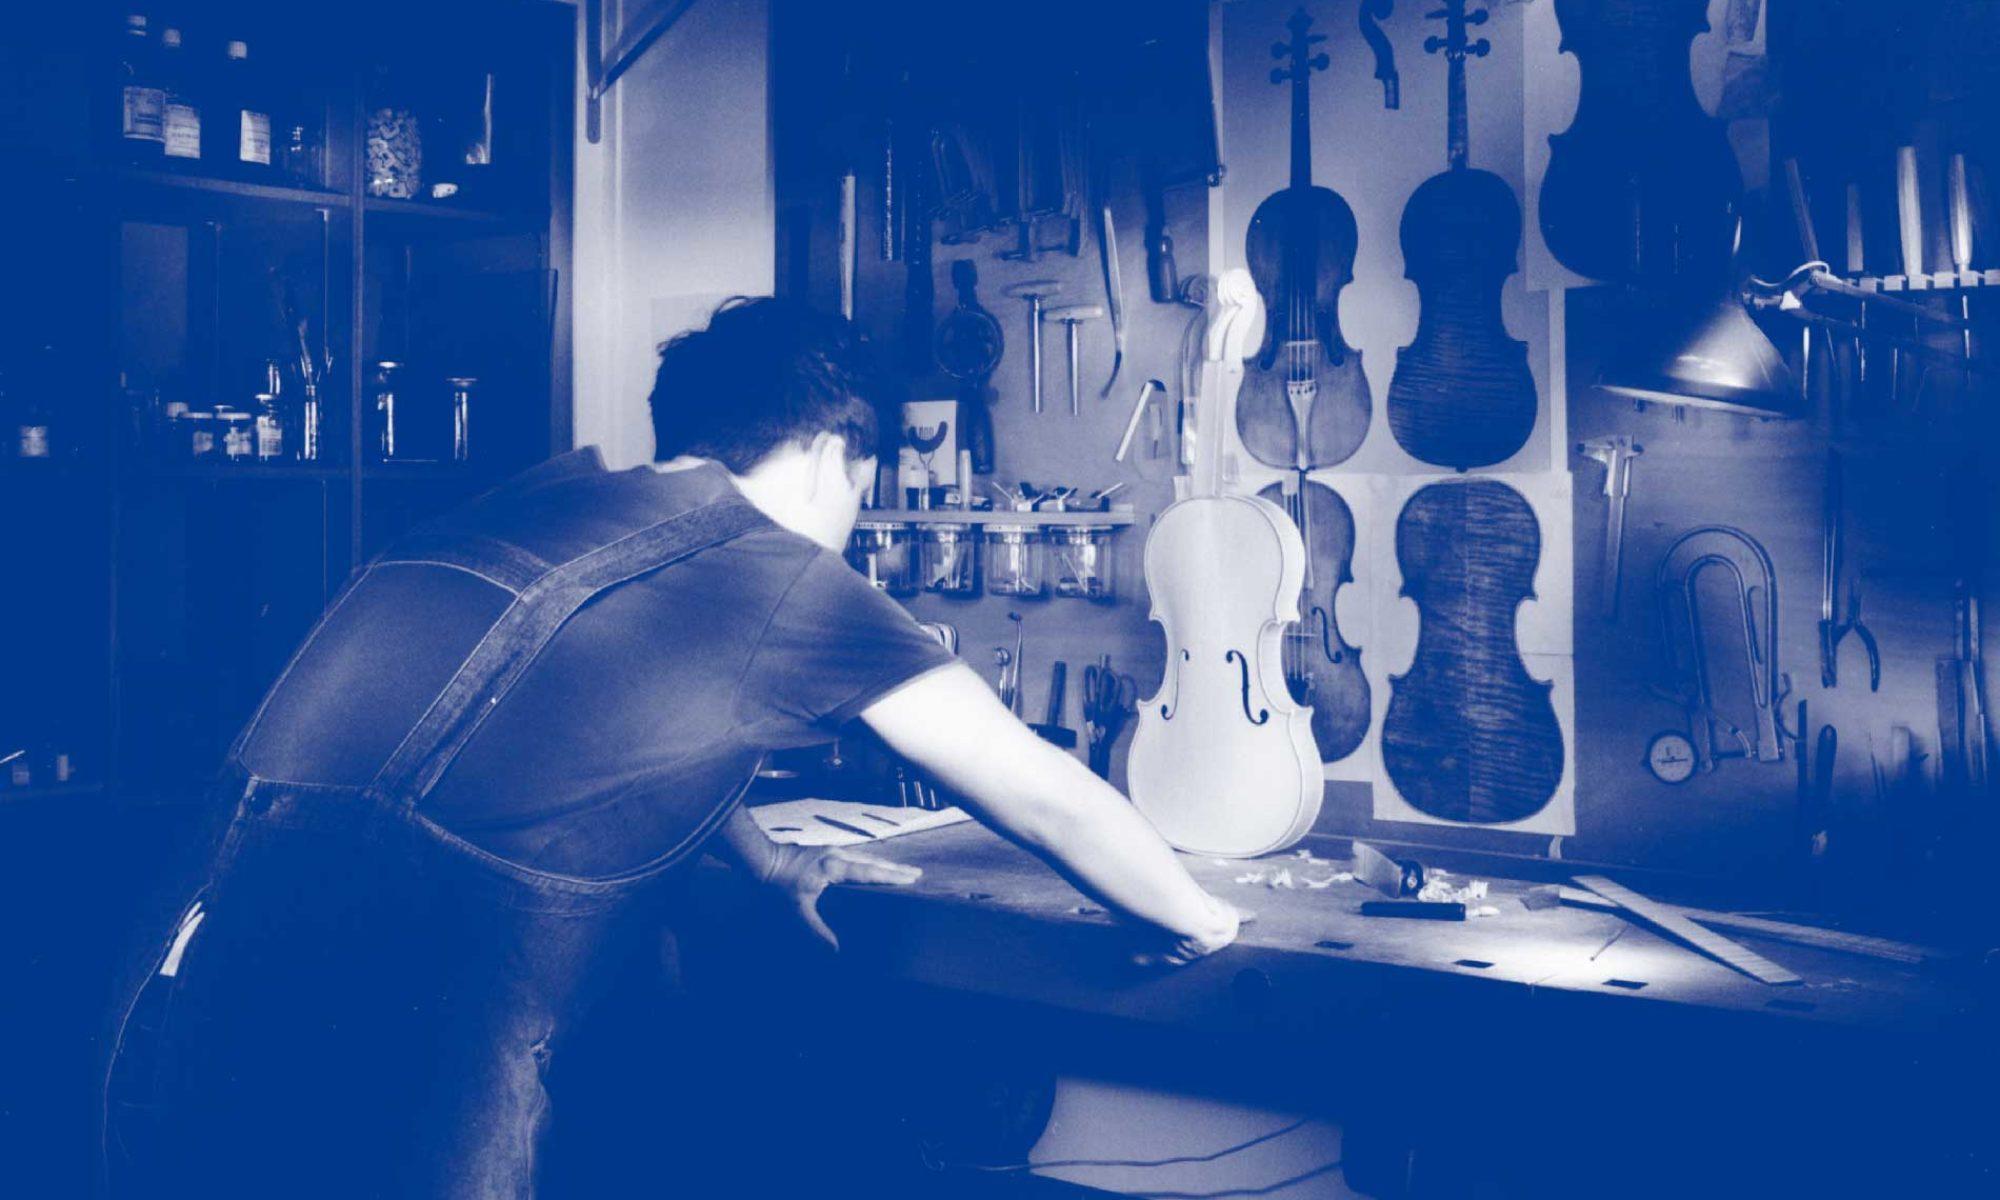 jean-clément grisard, Luthier